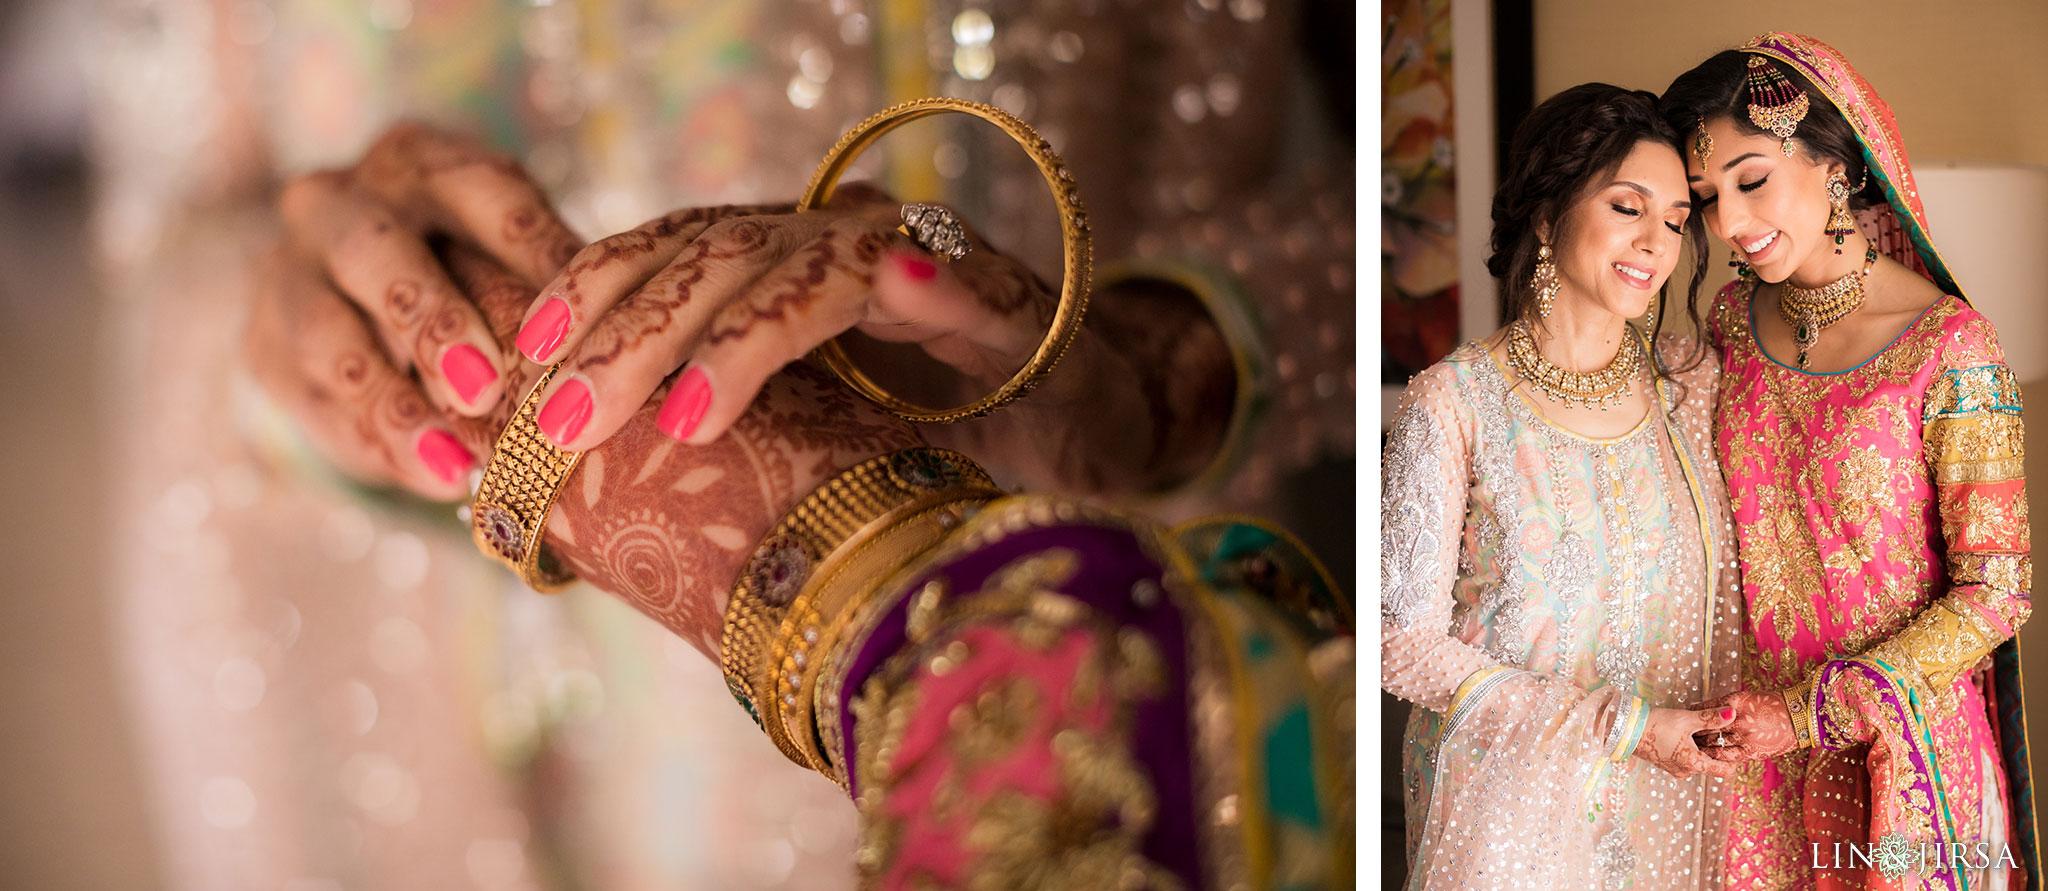 03 laguna cliffs marriott muslim bride wedding photography